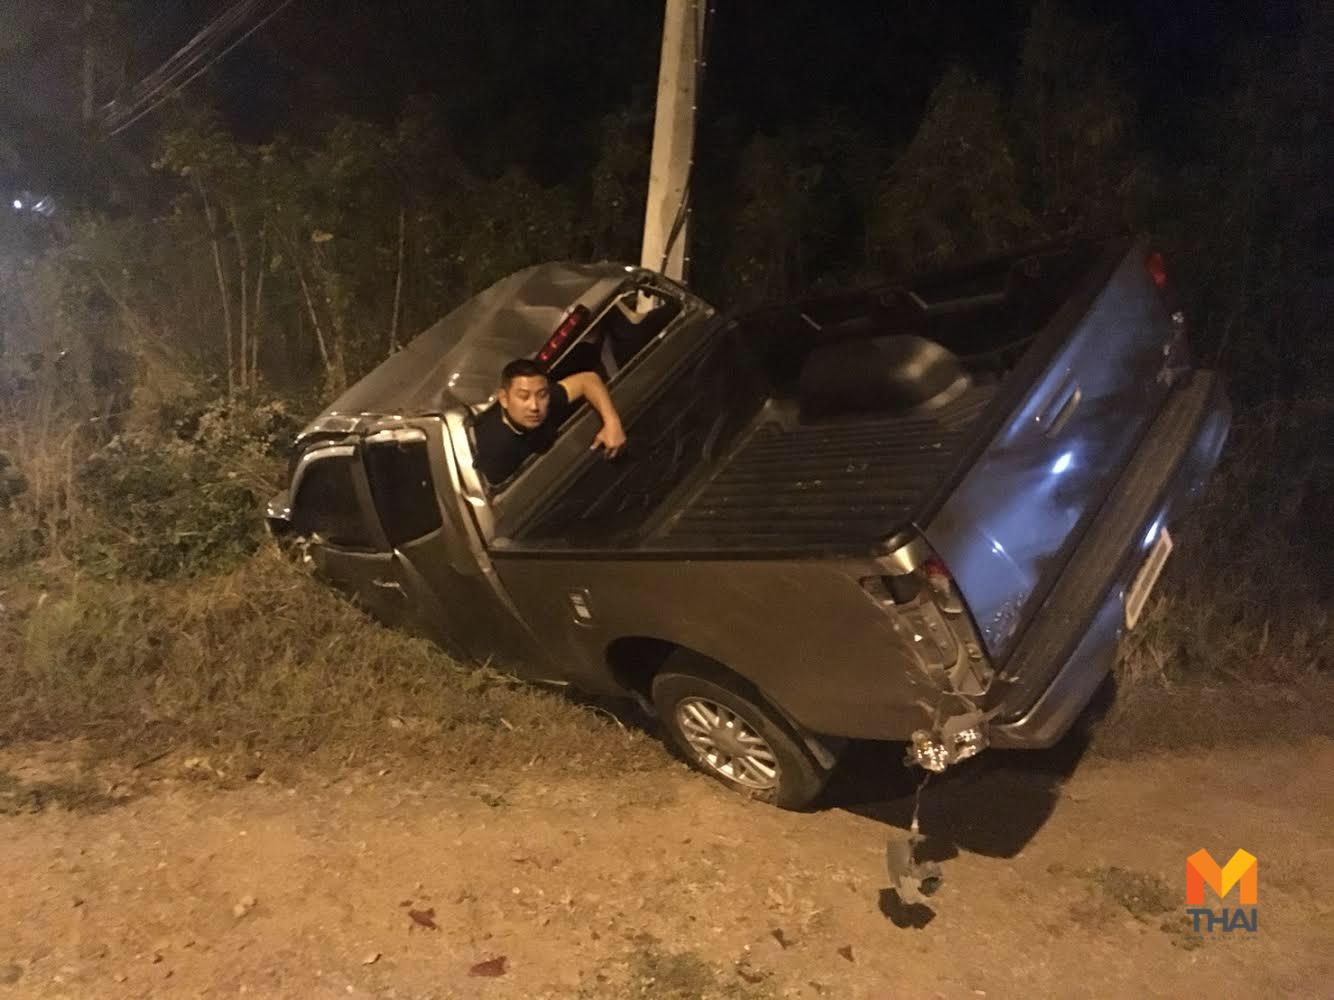 ข่าวสดวันนี้ รถชน อุบัติเหตุ